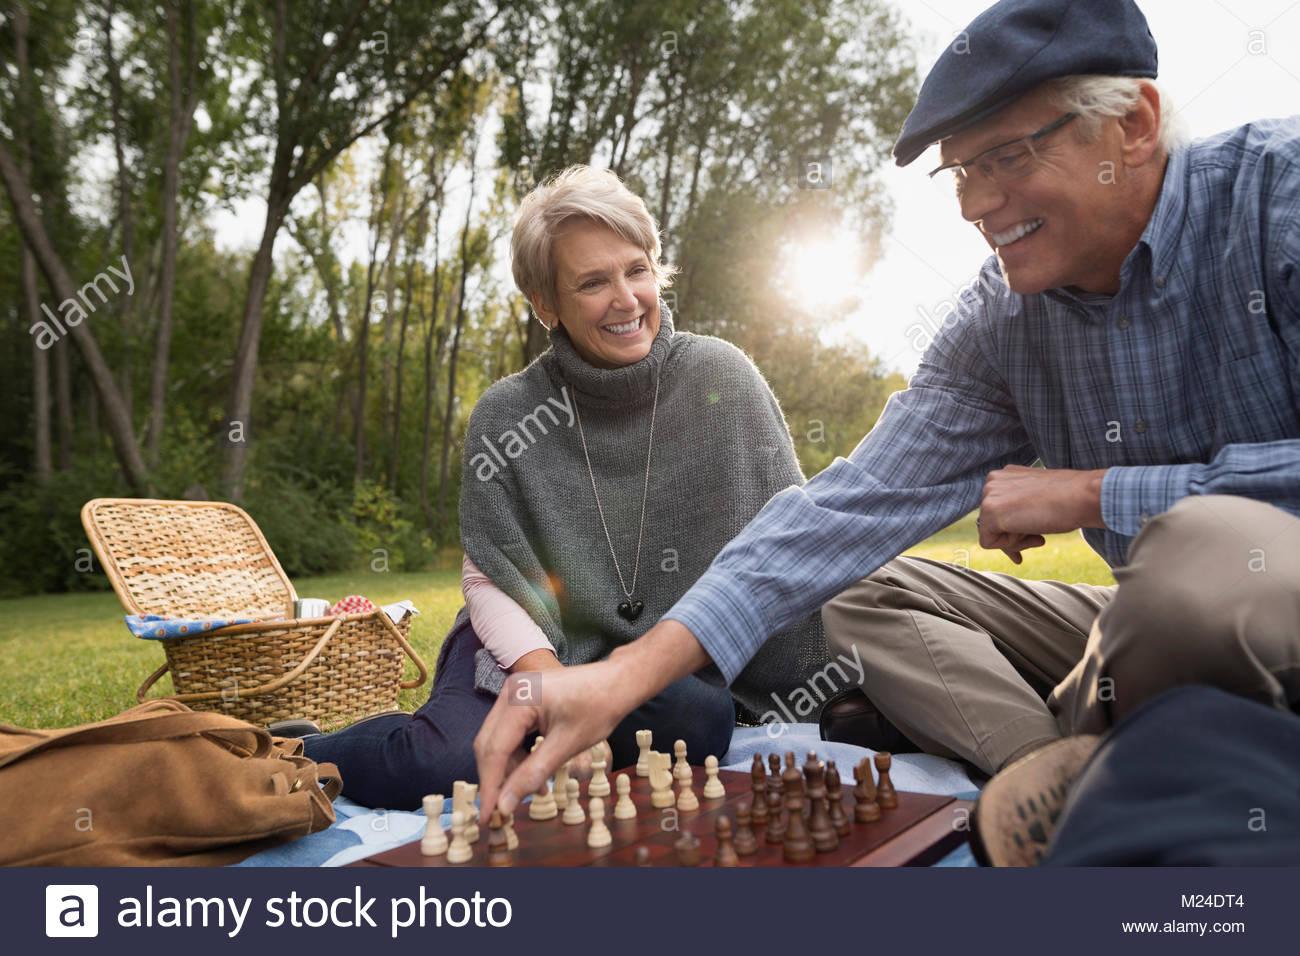 Coppia senior giocando a scacchi in posizione di parcheggio Immagini Stock